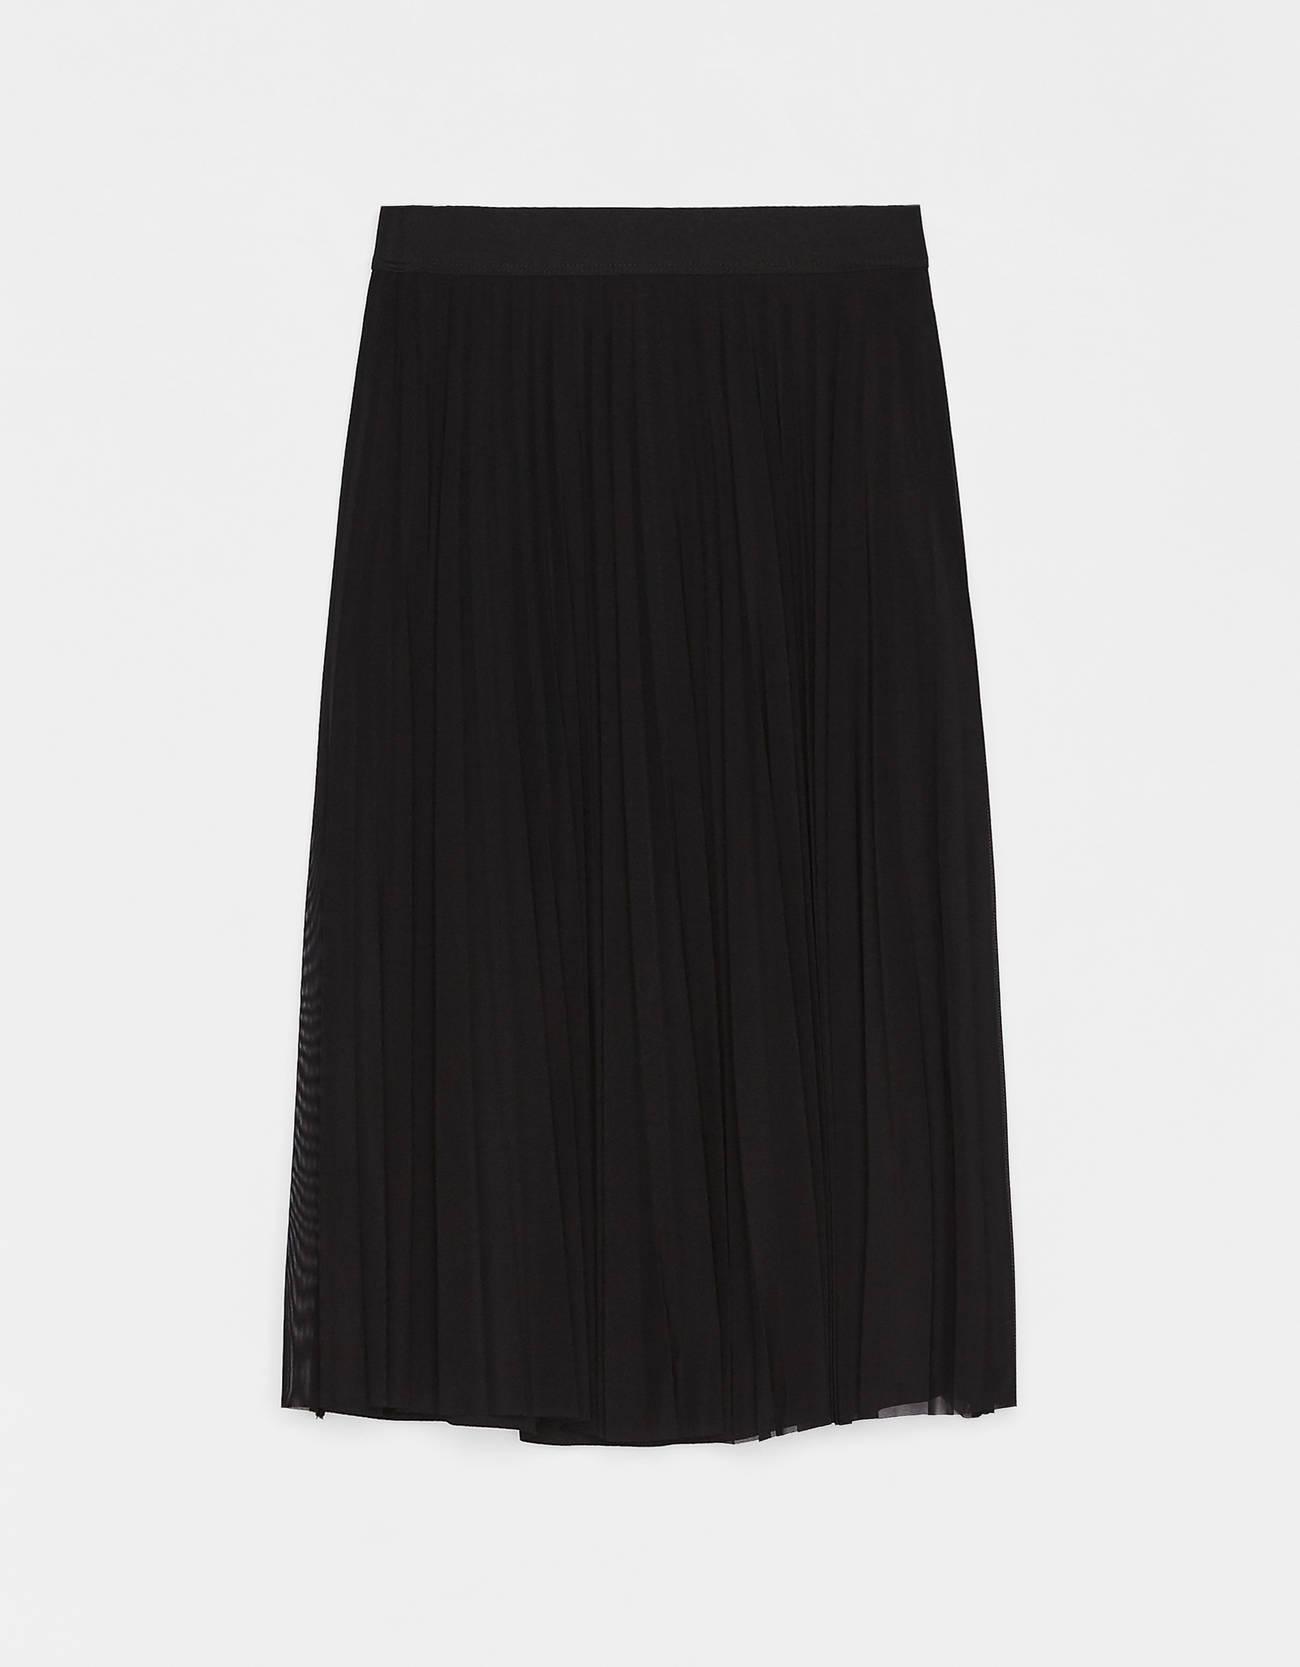 9b7def70f413 Pleated tulle midi skirt - Plain - Bershka Lithuania